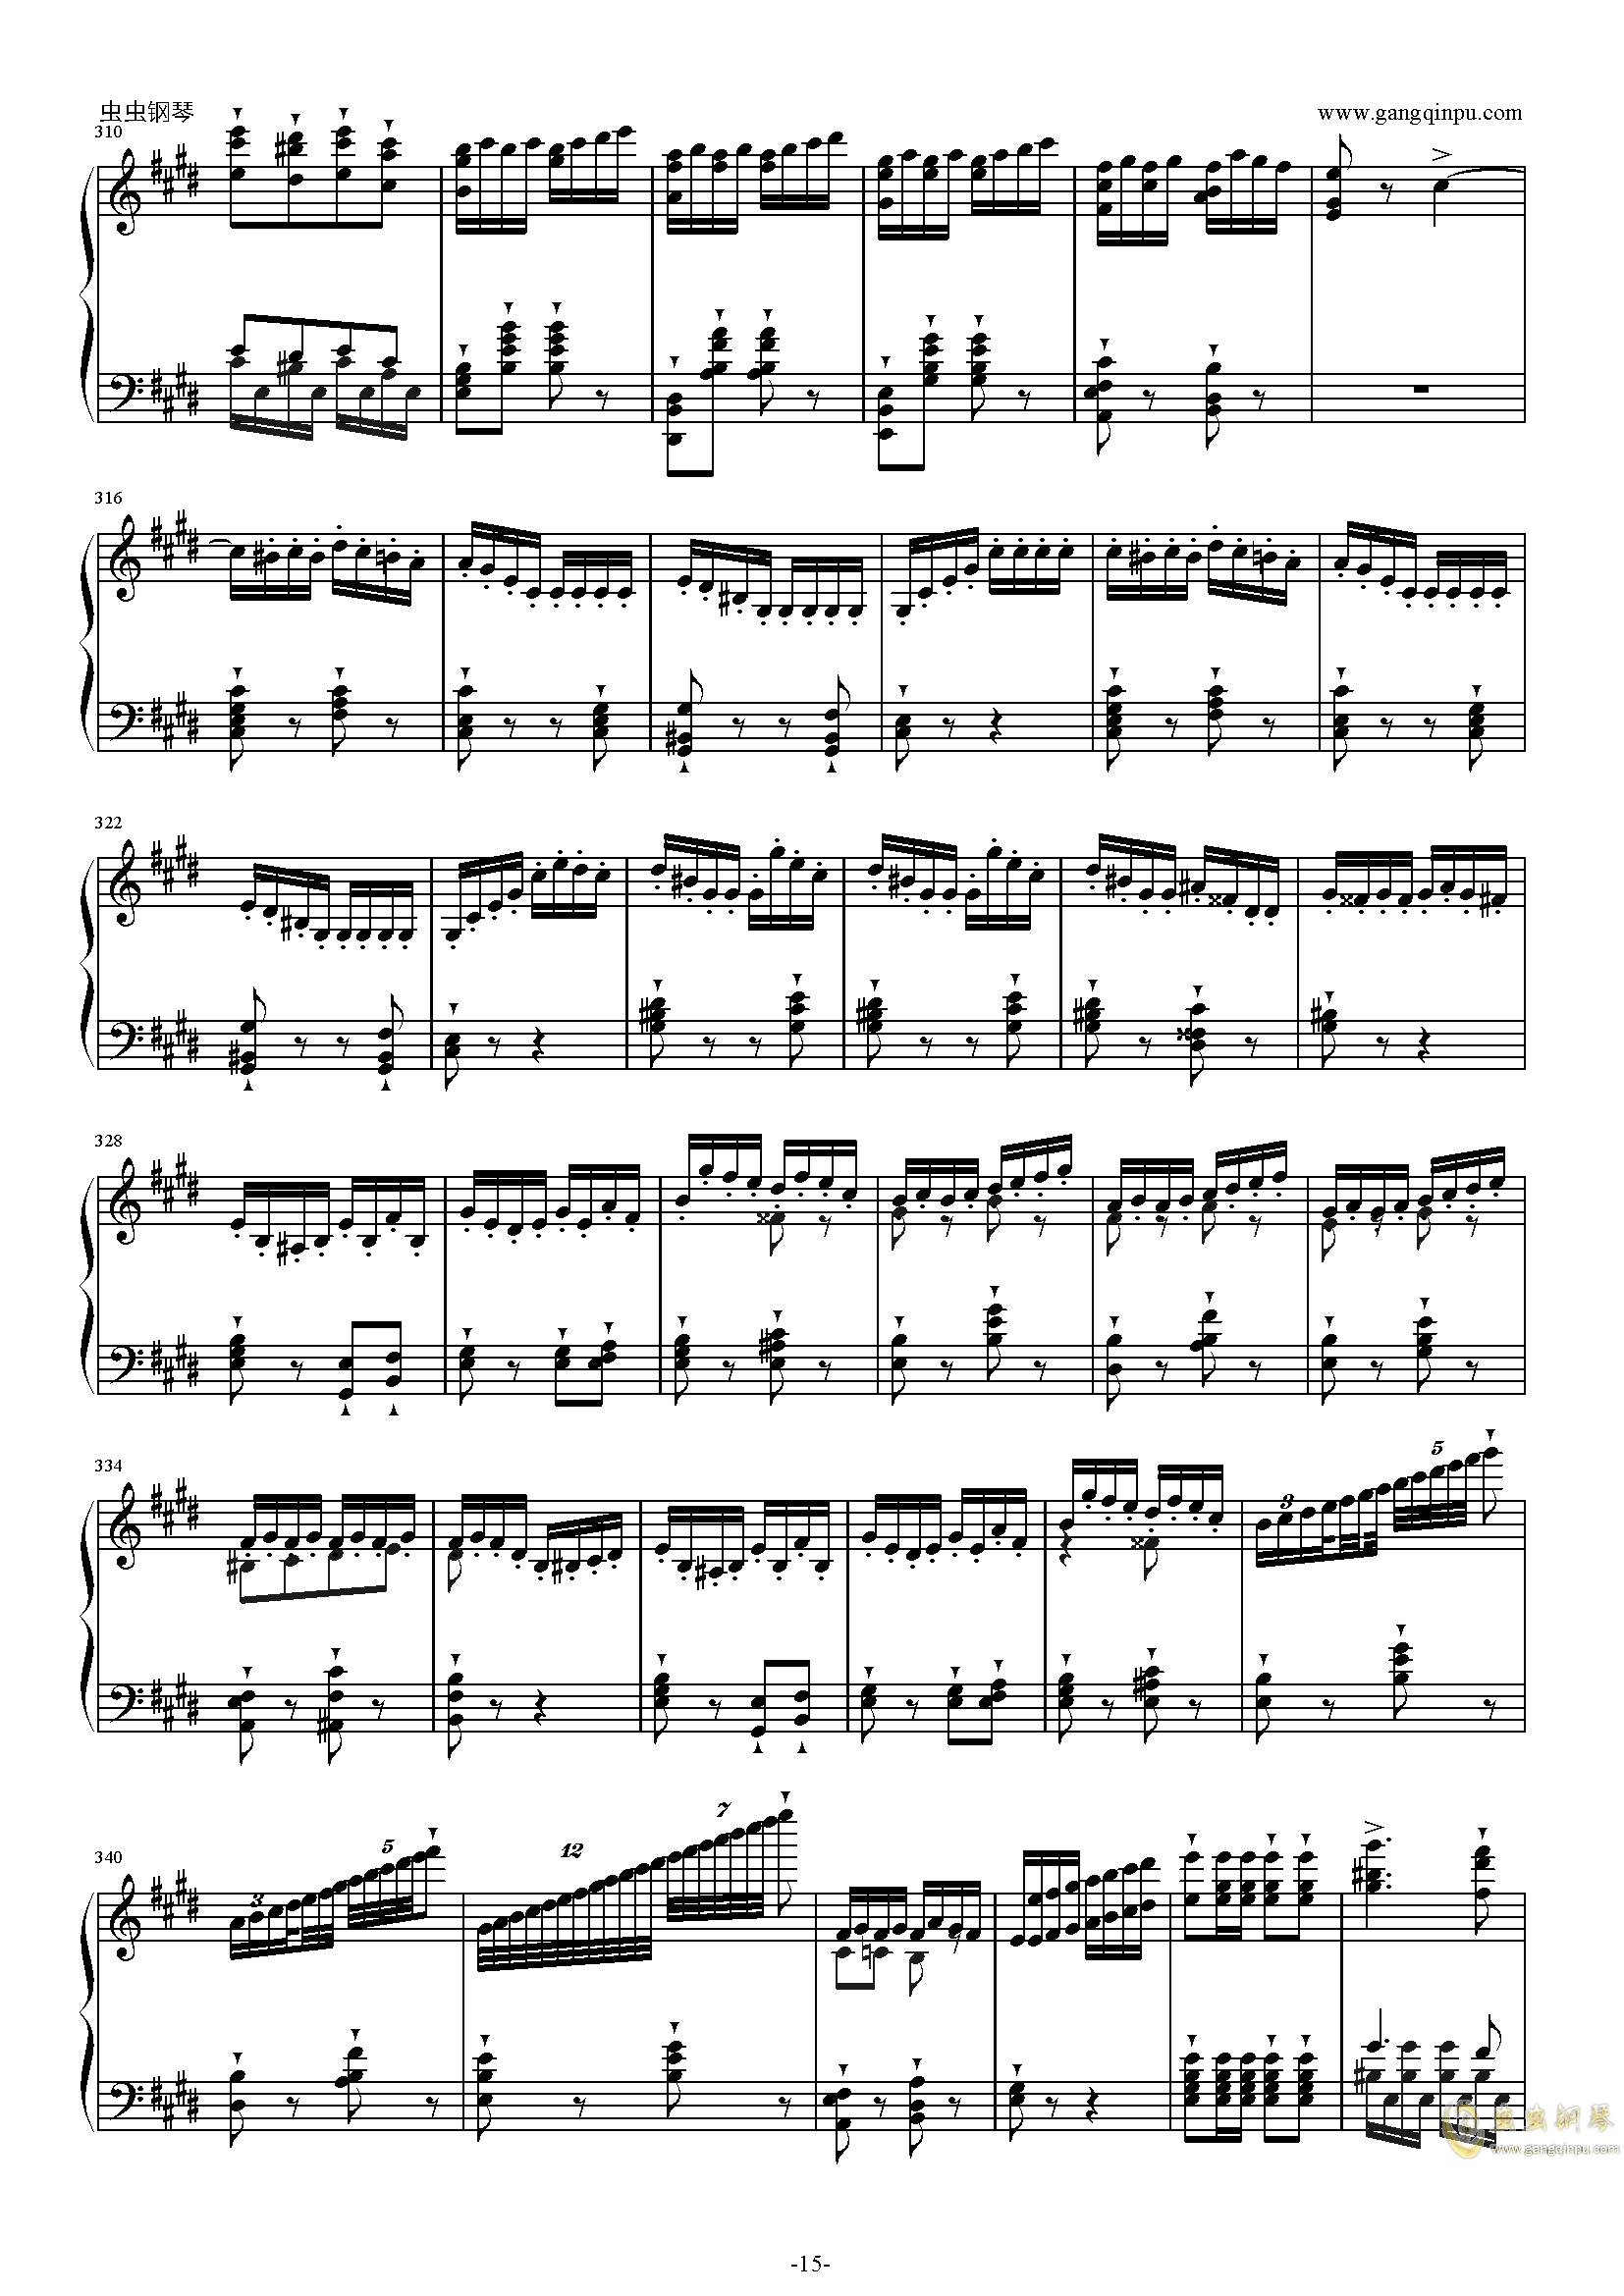 威廉・退尔序曲钢琴谱 第15页